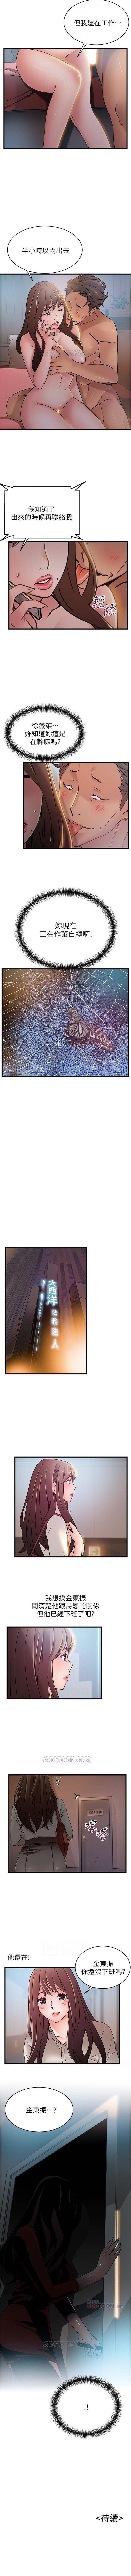 (週7)弱點 1-76 中文翻譯(更新中) 340